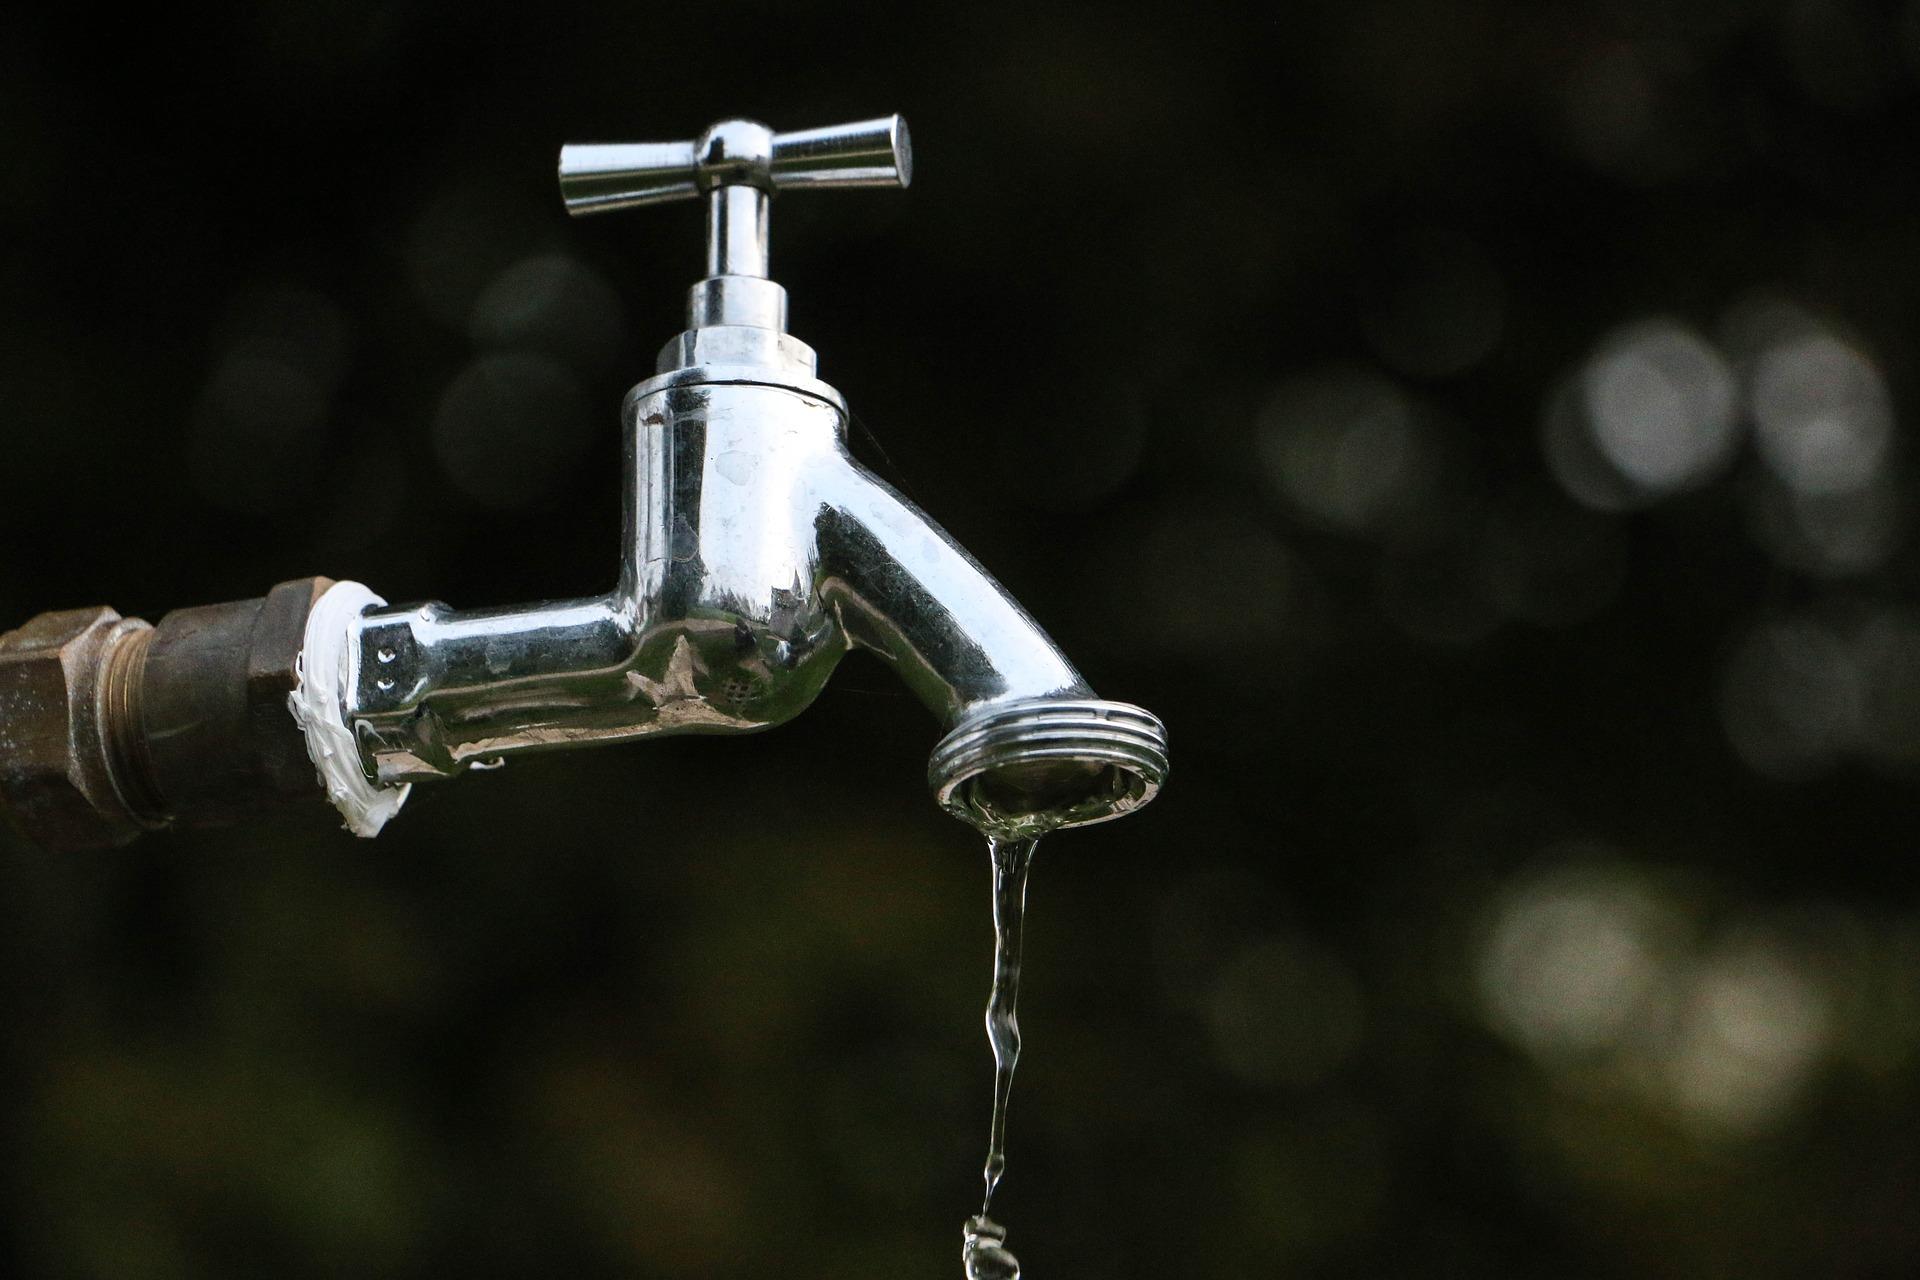 Lavori all'acquedotto di Viareggio stanotte: probabile acqua torbida domani a Torre del Lago, Campo d'aviazione e Darsena